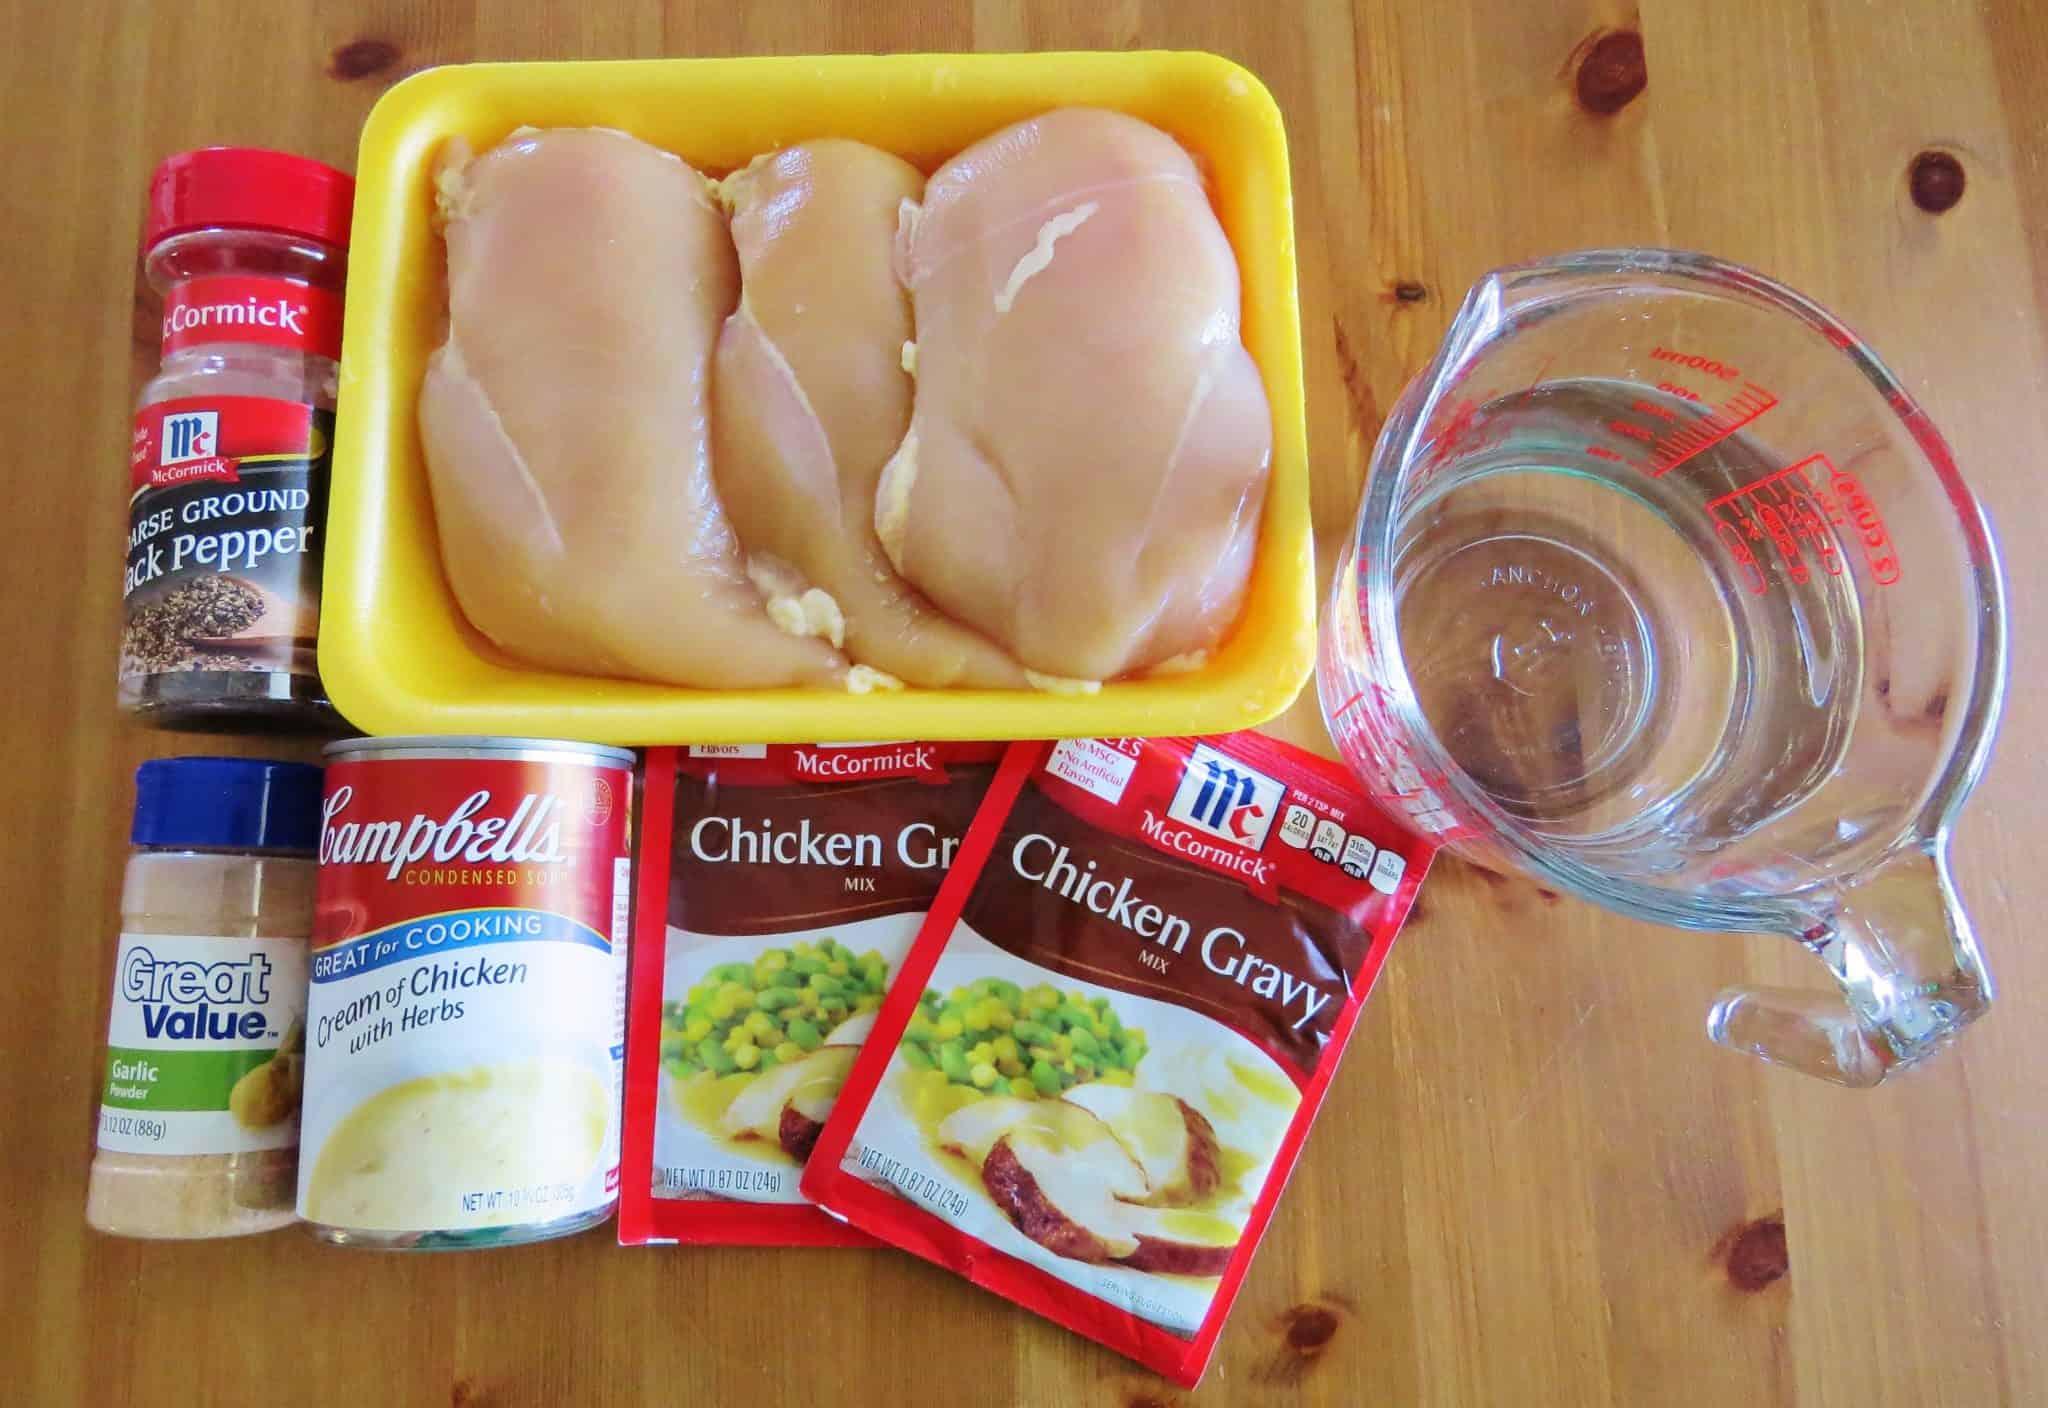 ingredients needed: boneless, skinless chicken breasts, chicken gravy mix packets, cream of chicken soup, garlic powder, black pepper, water.